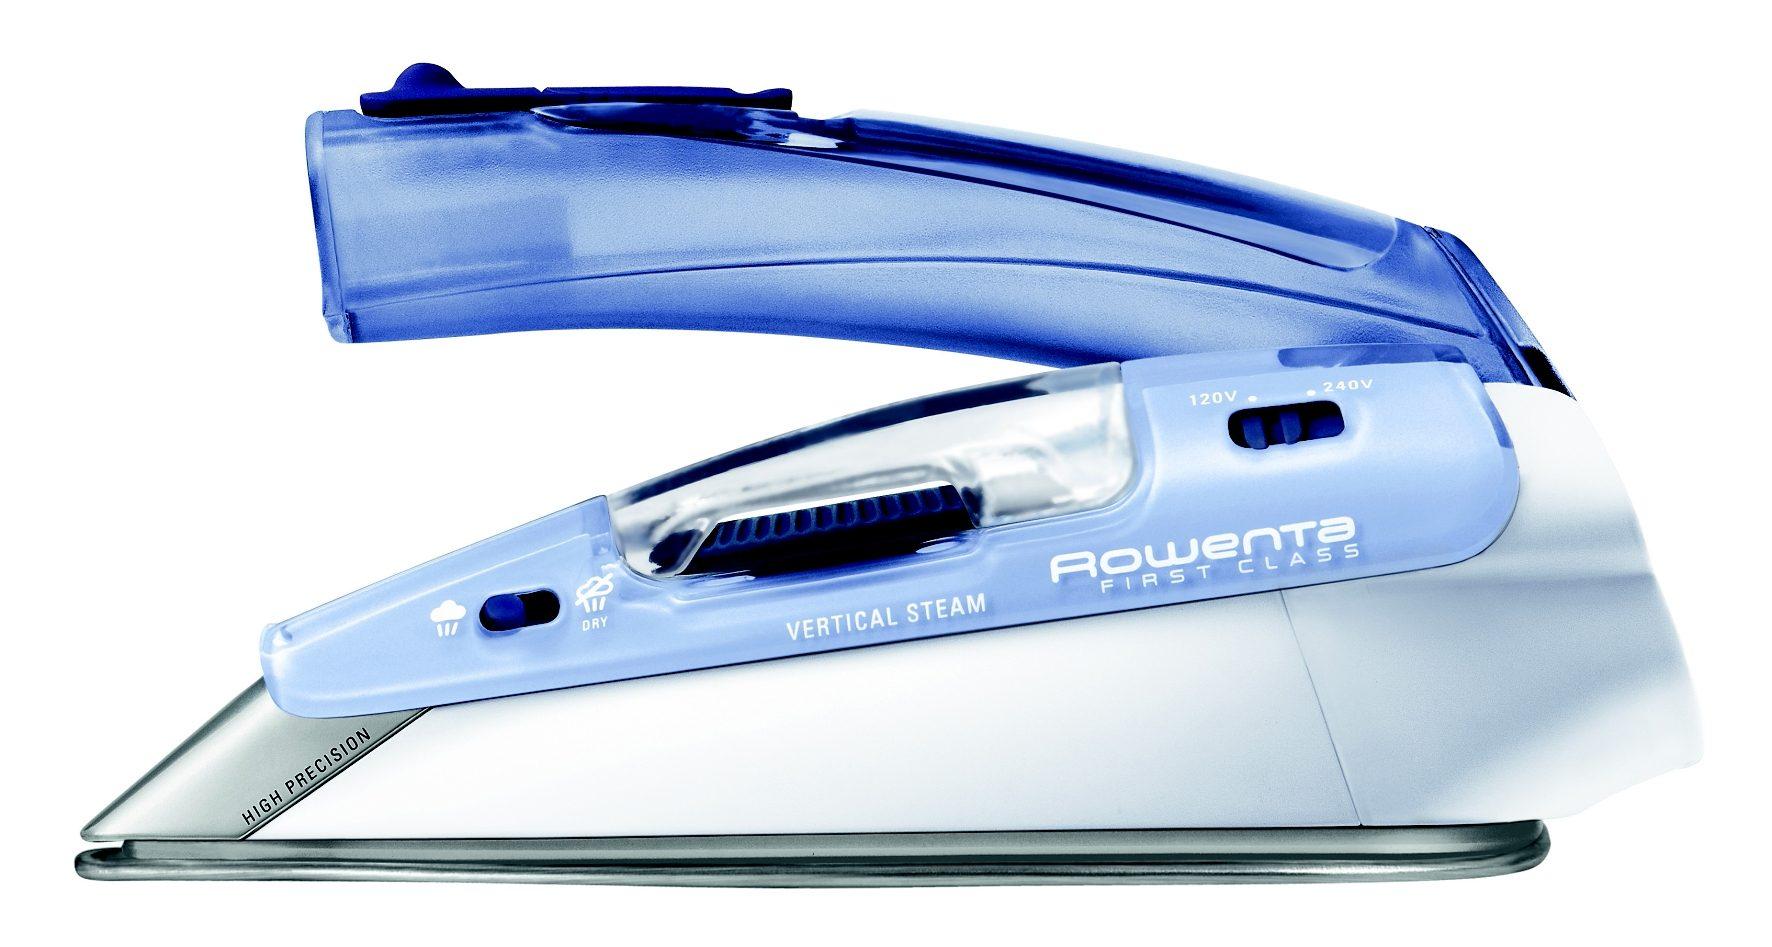 Rowenta Reisebügeleisen DA1510 mit Dampffunktion, Edelstahlsohle, 1000 Watt